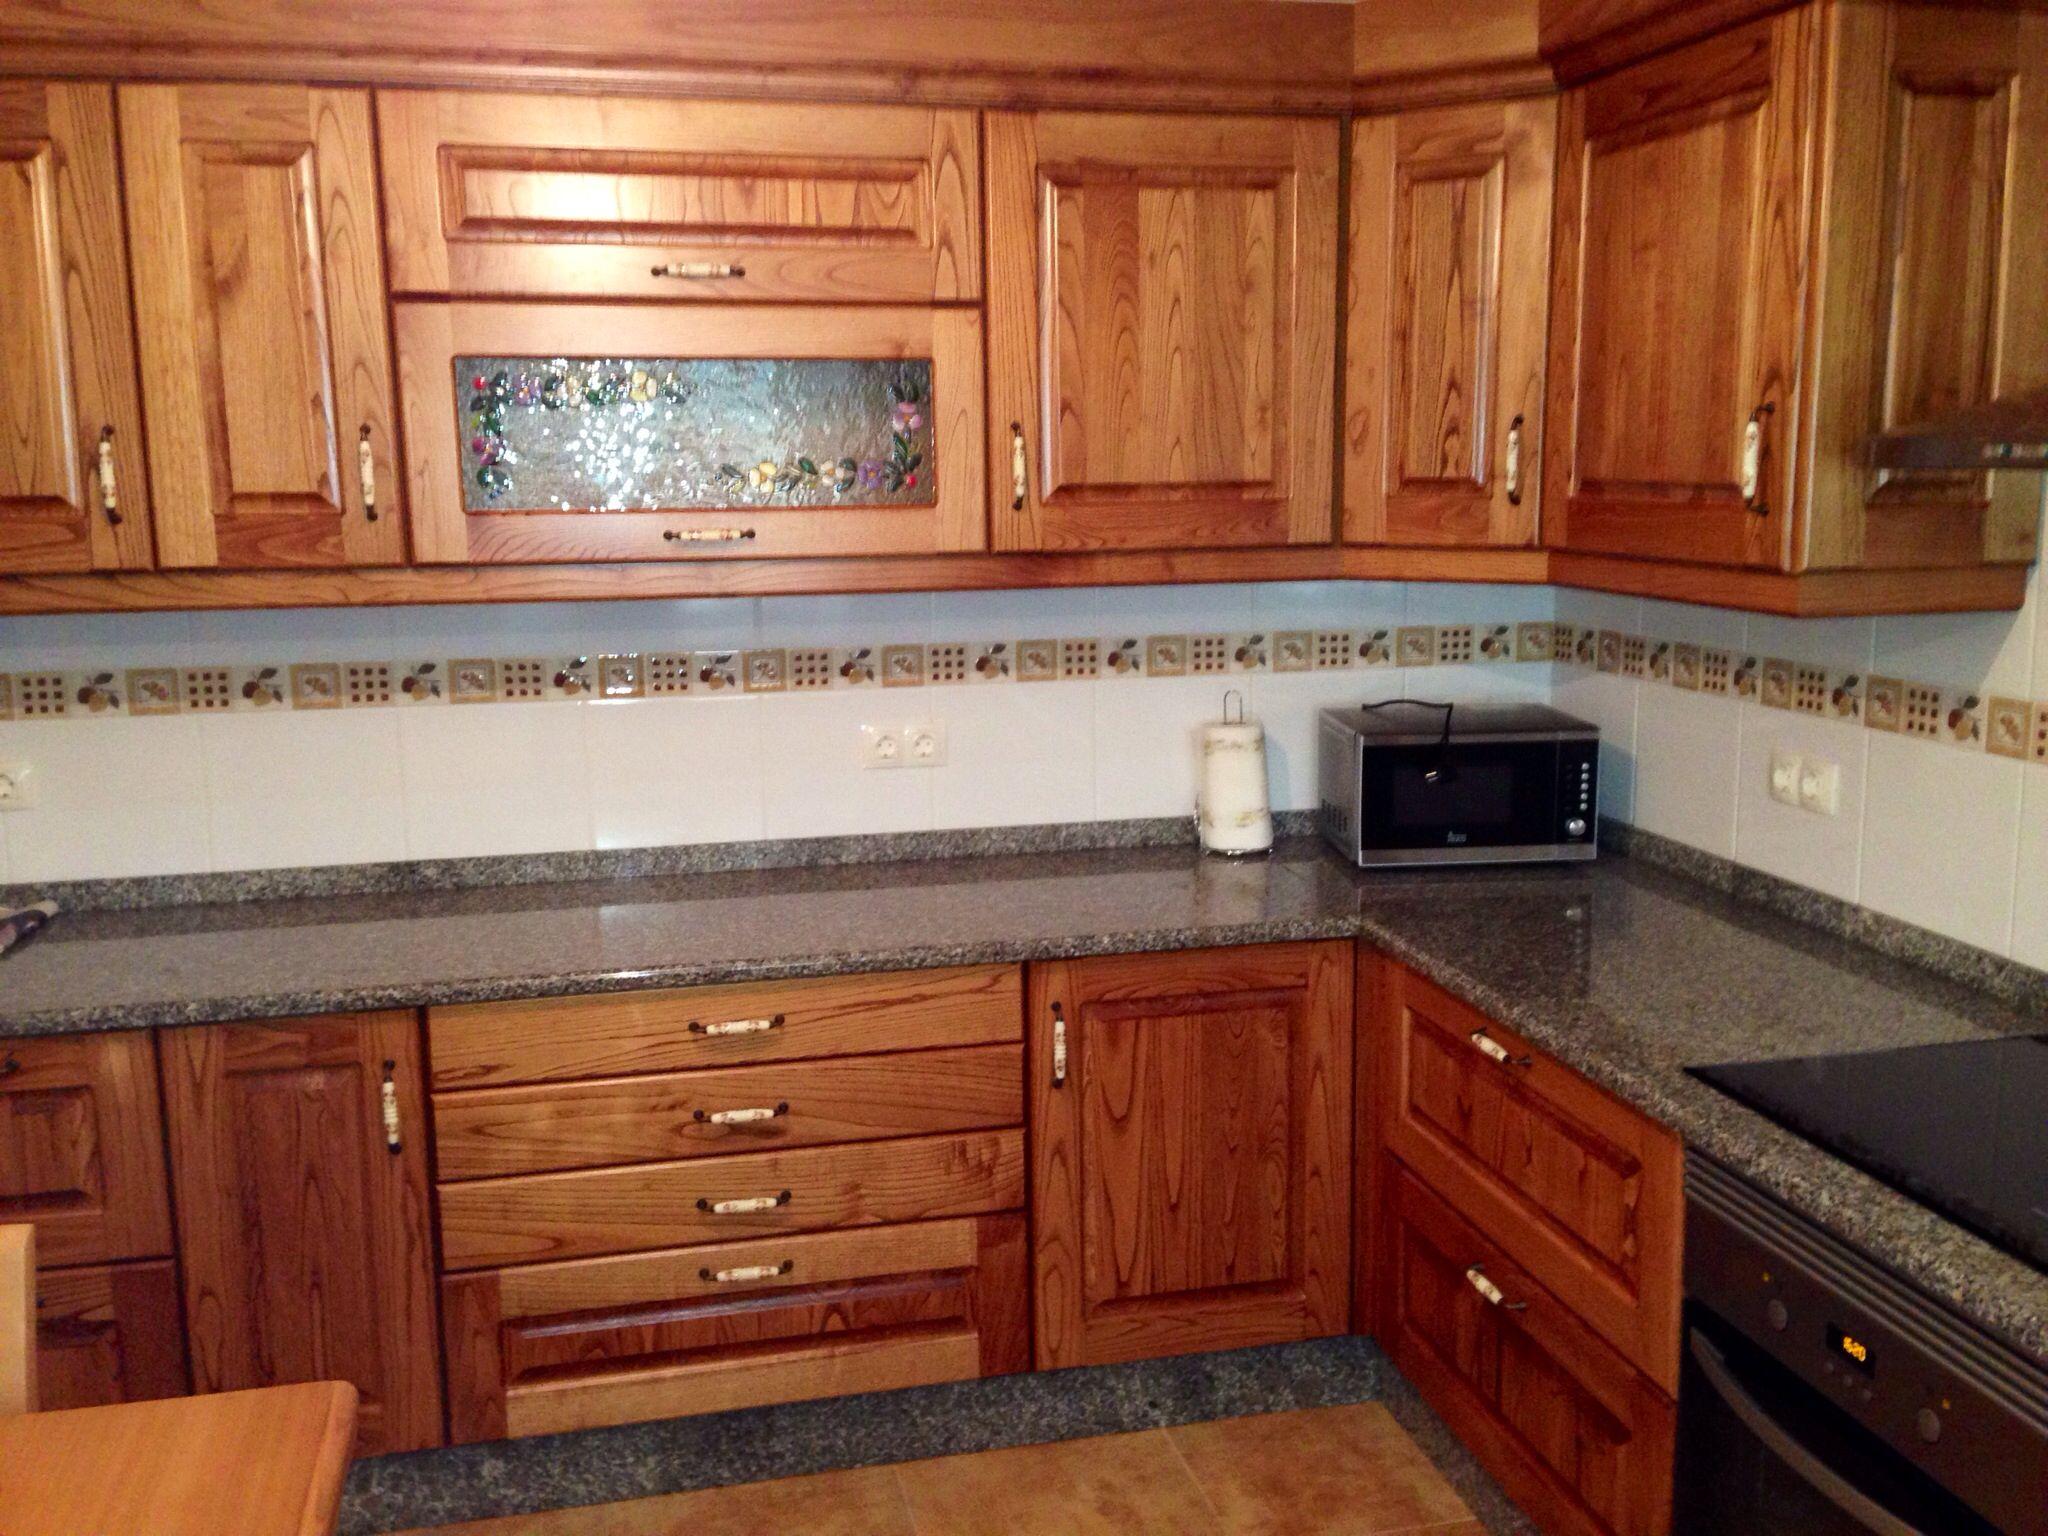 Muebles de cocina casta o rustico ideas para cocinas for Ideas de muebles de cocina